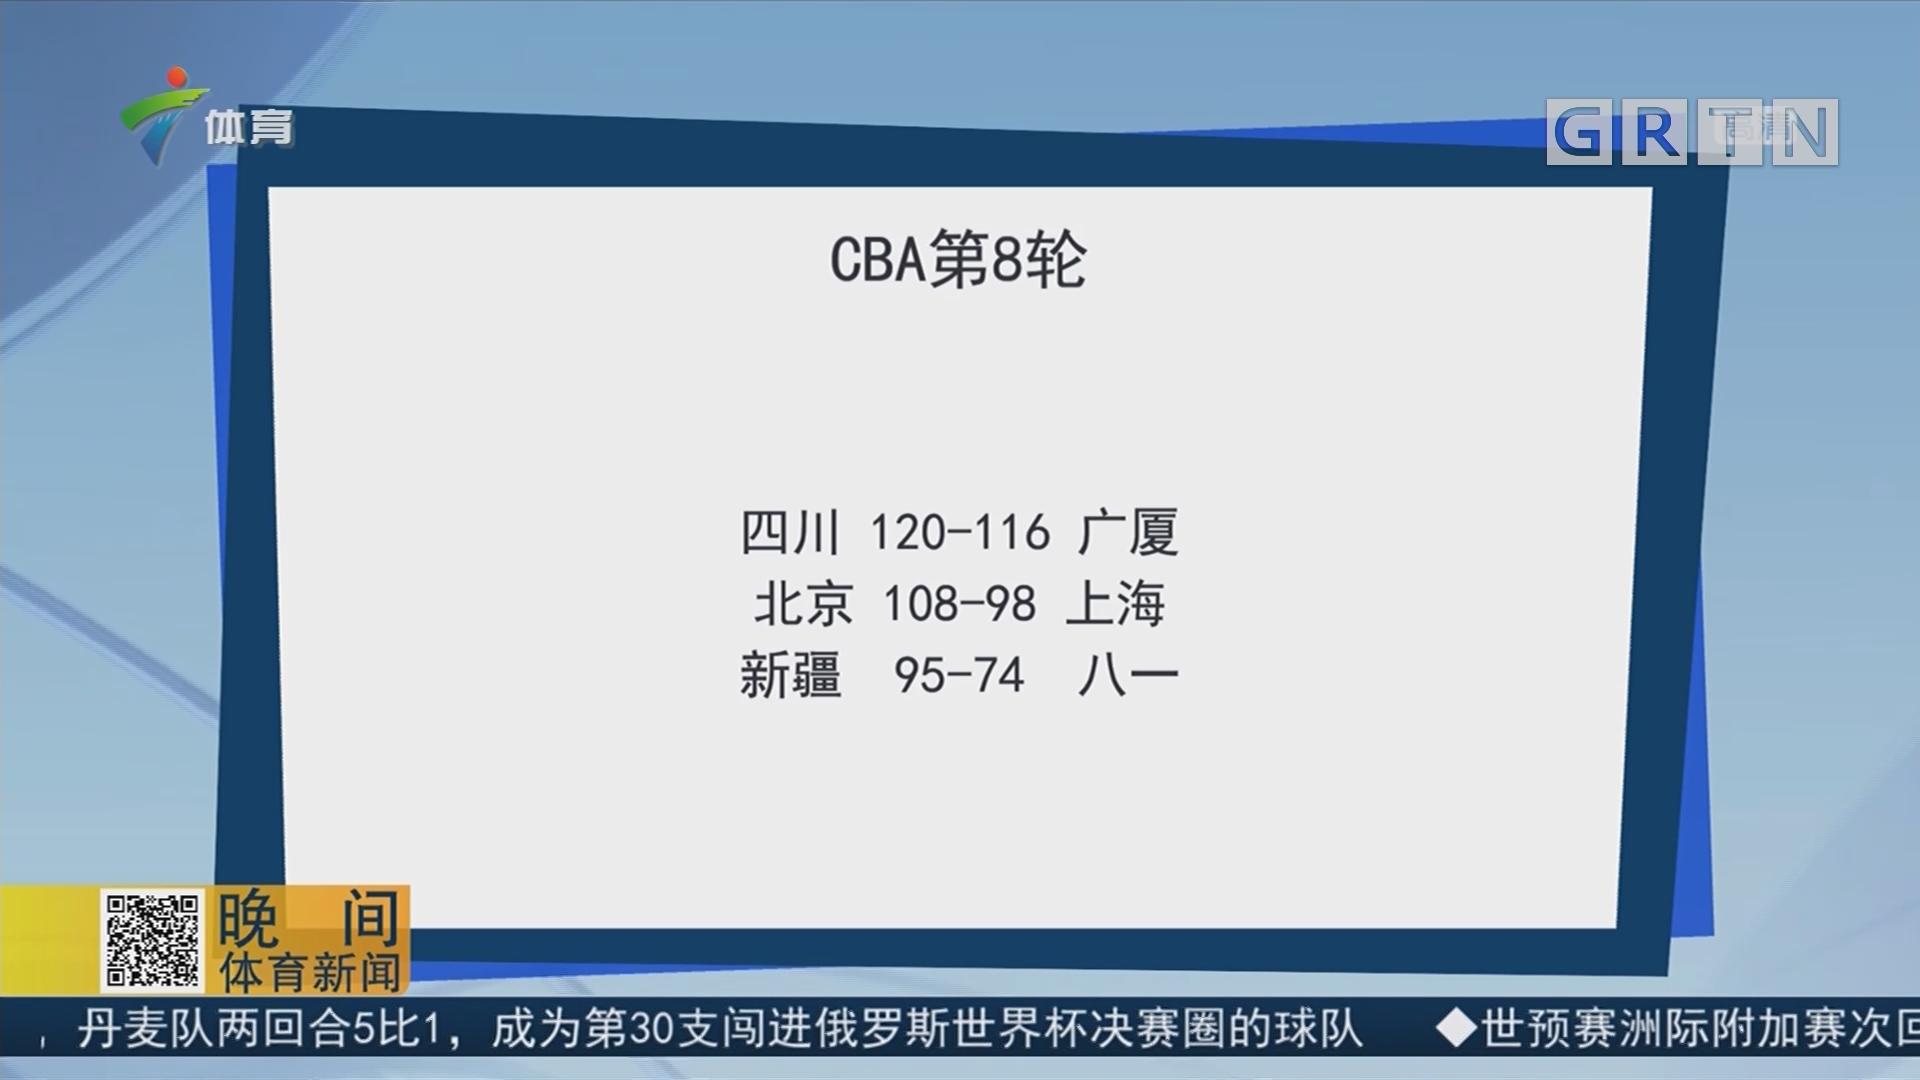 CBA第8轮